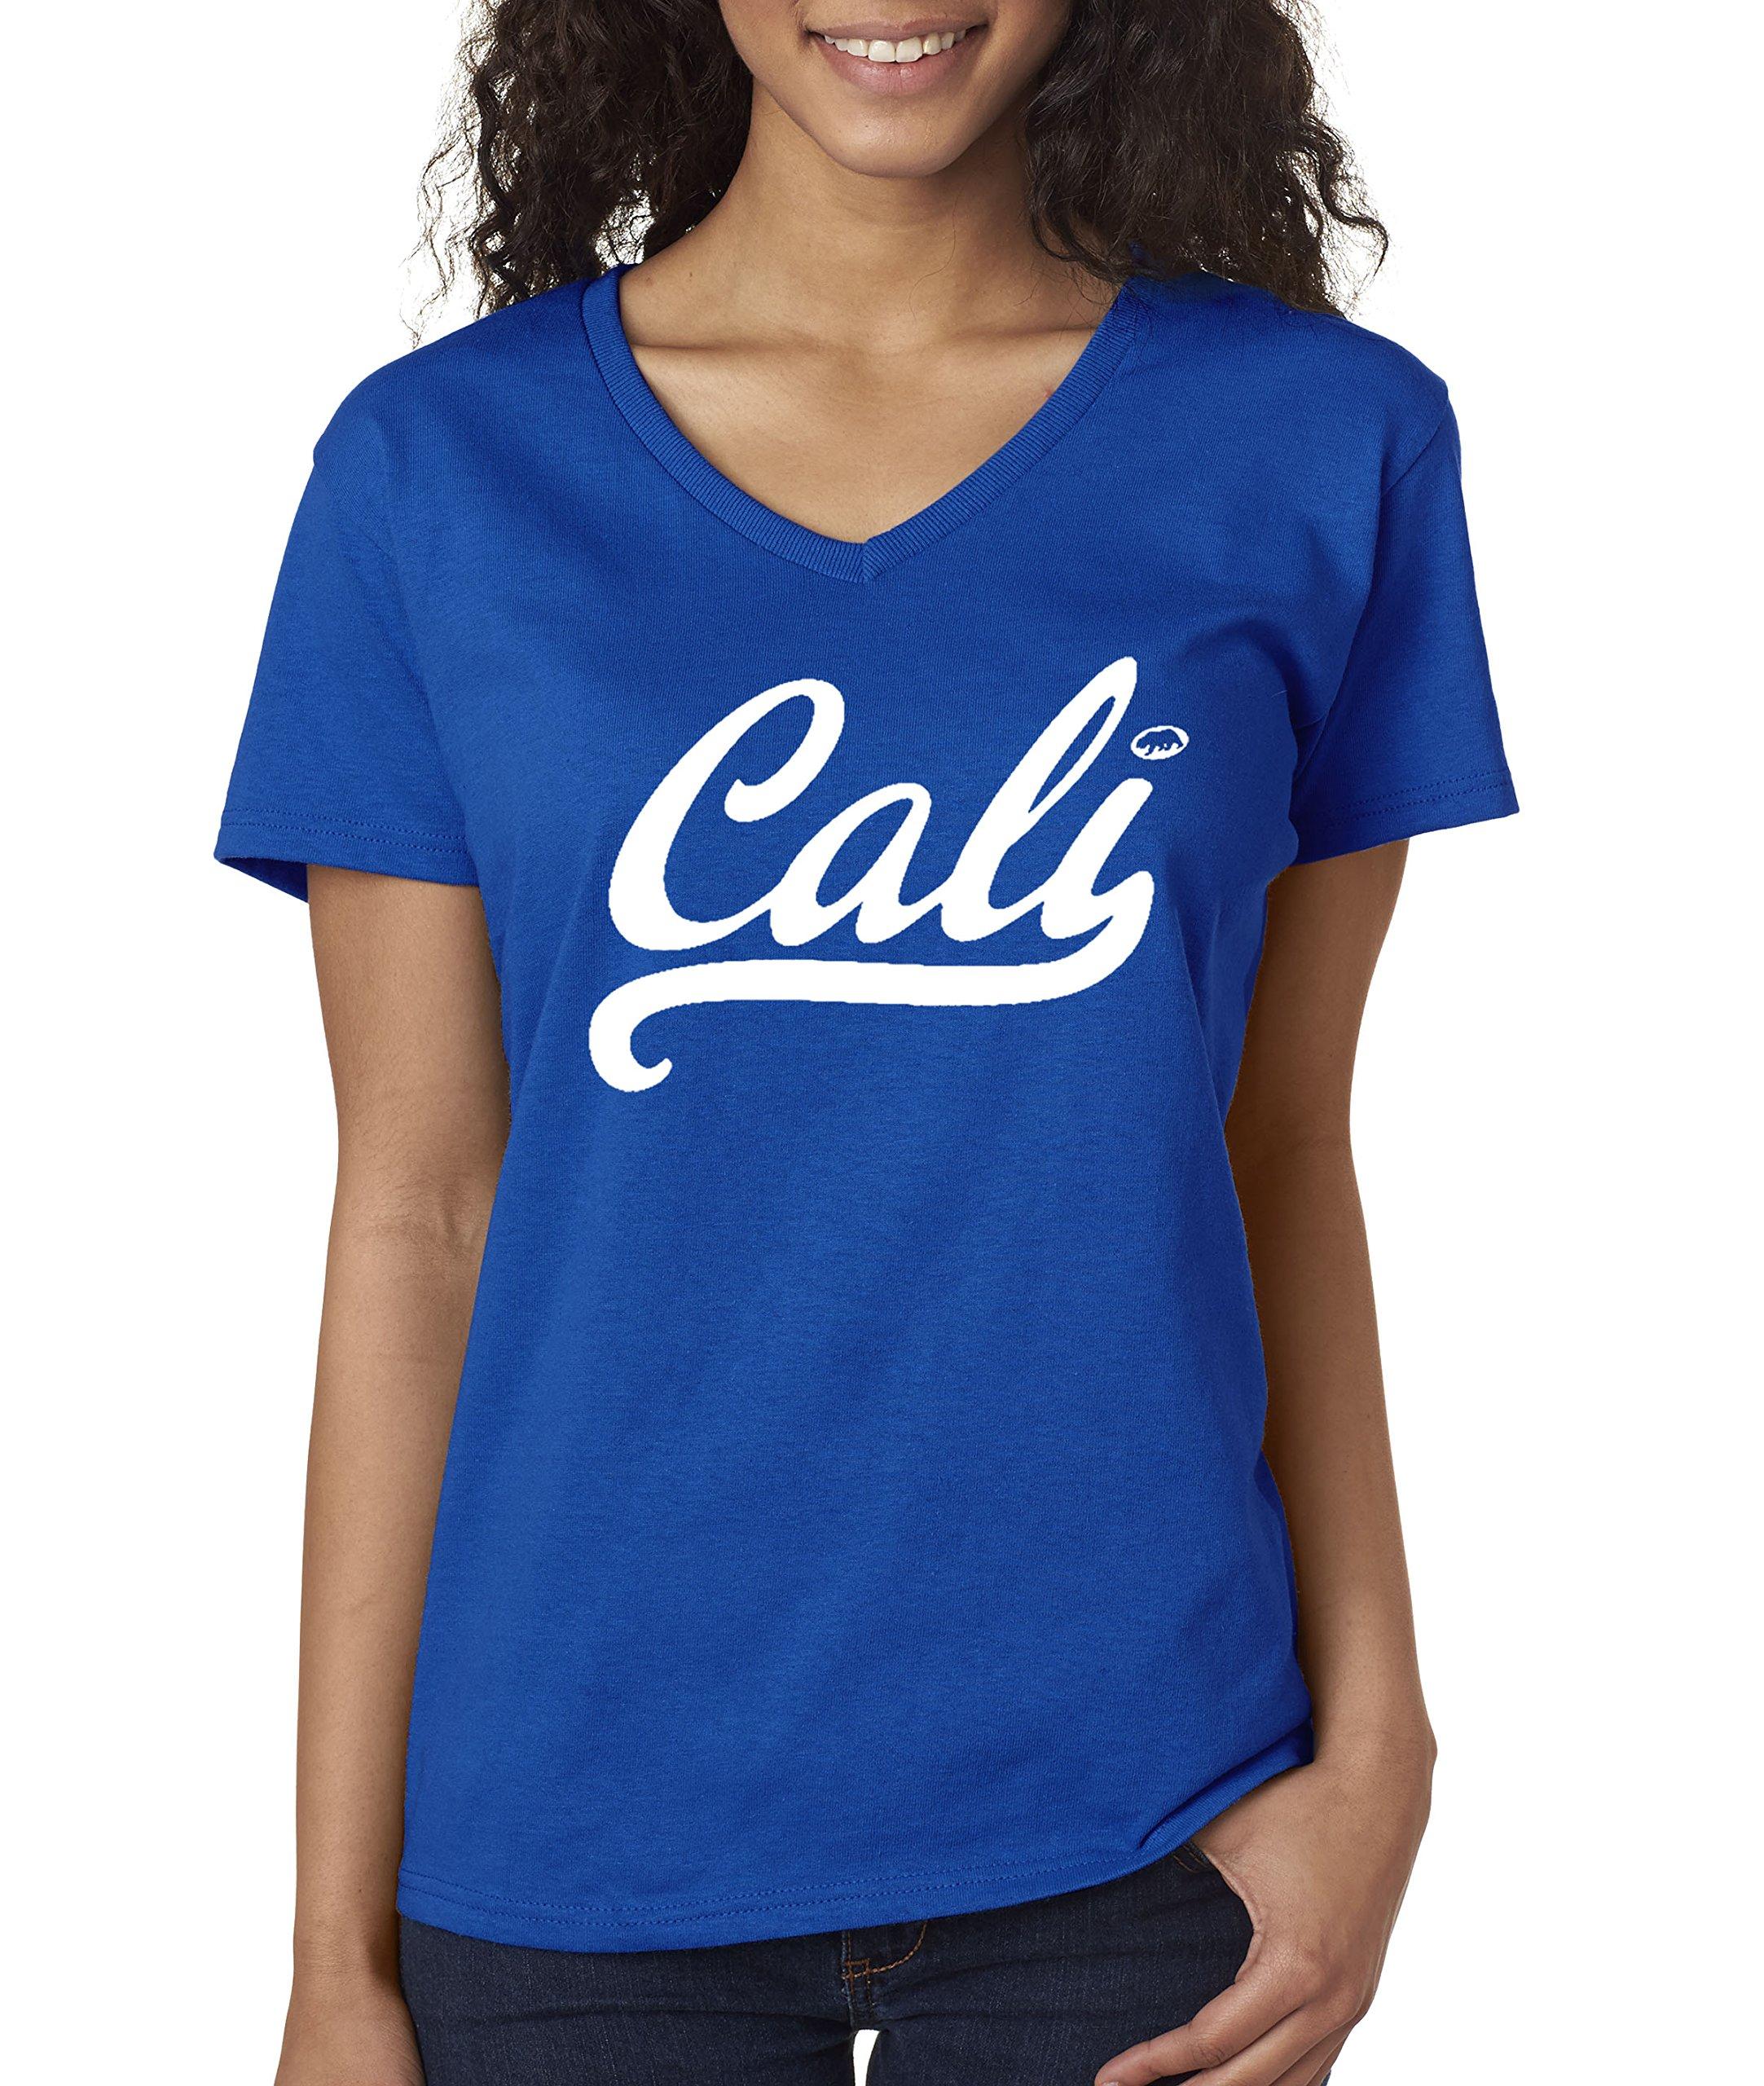 792 T Shirt Cali Script California Republic Bear 1577